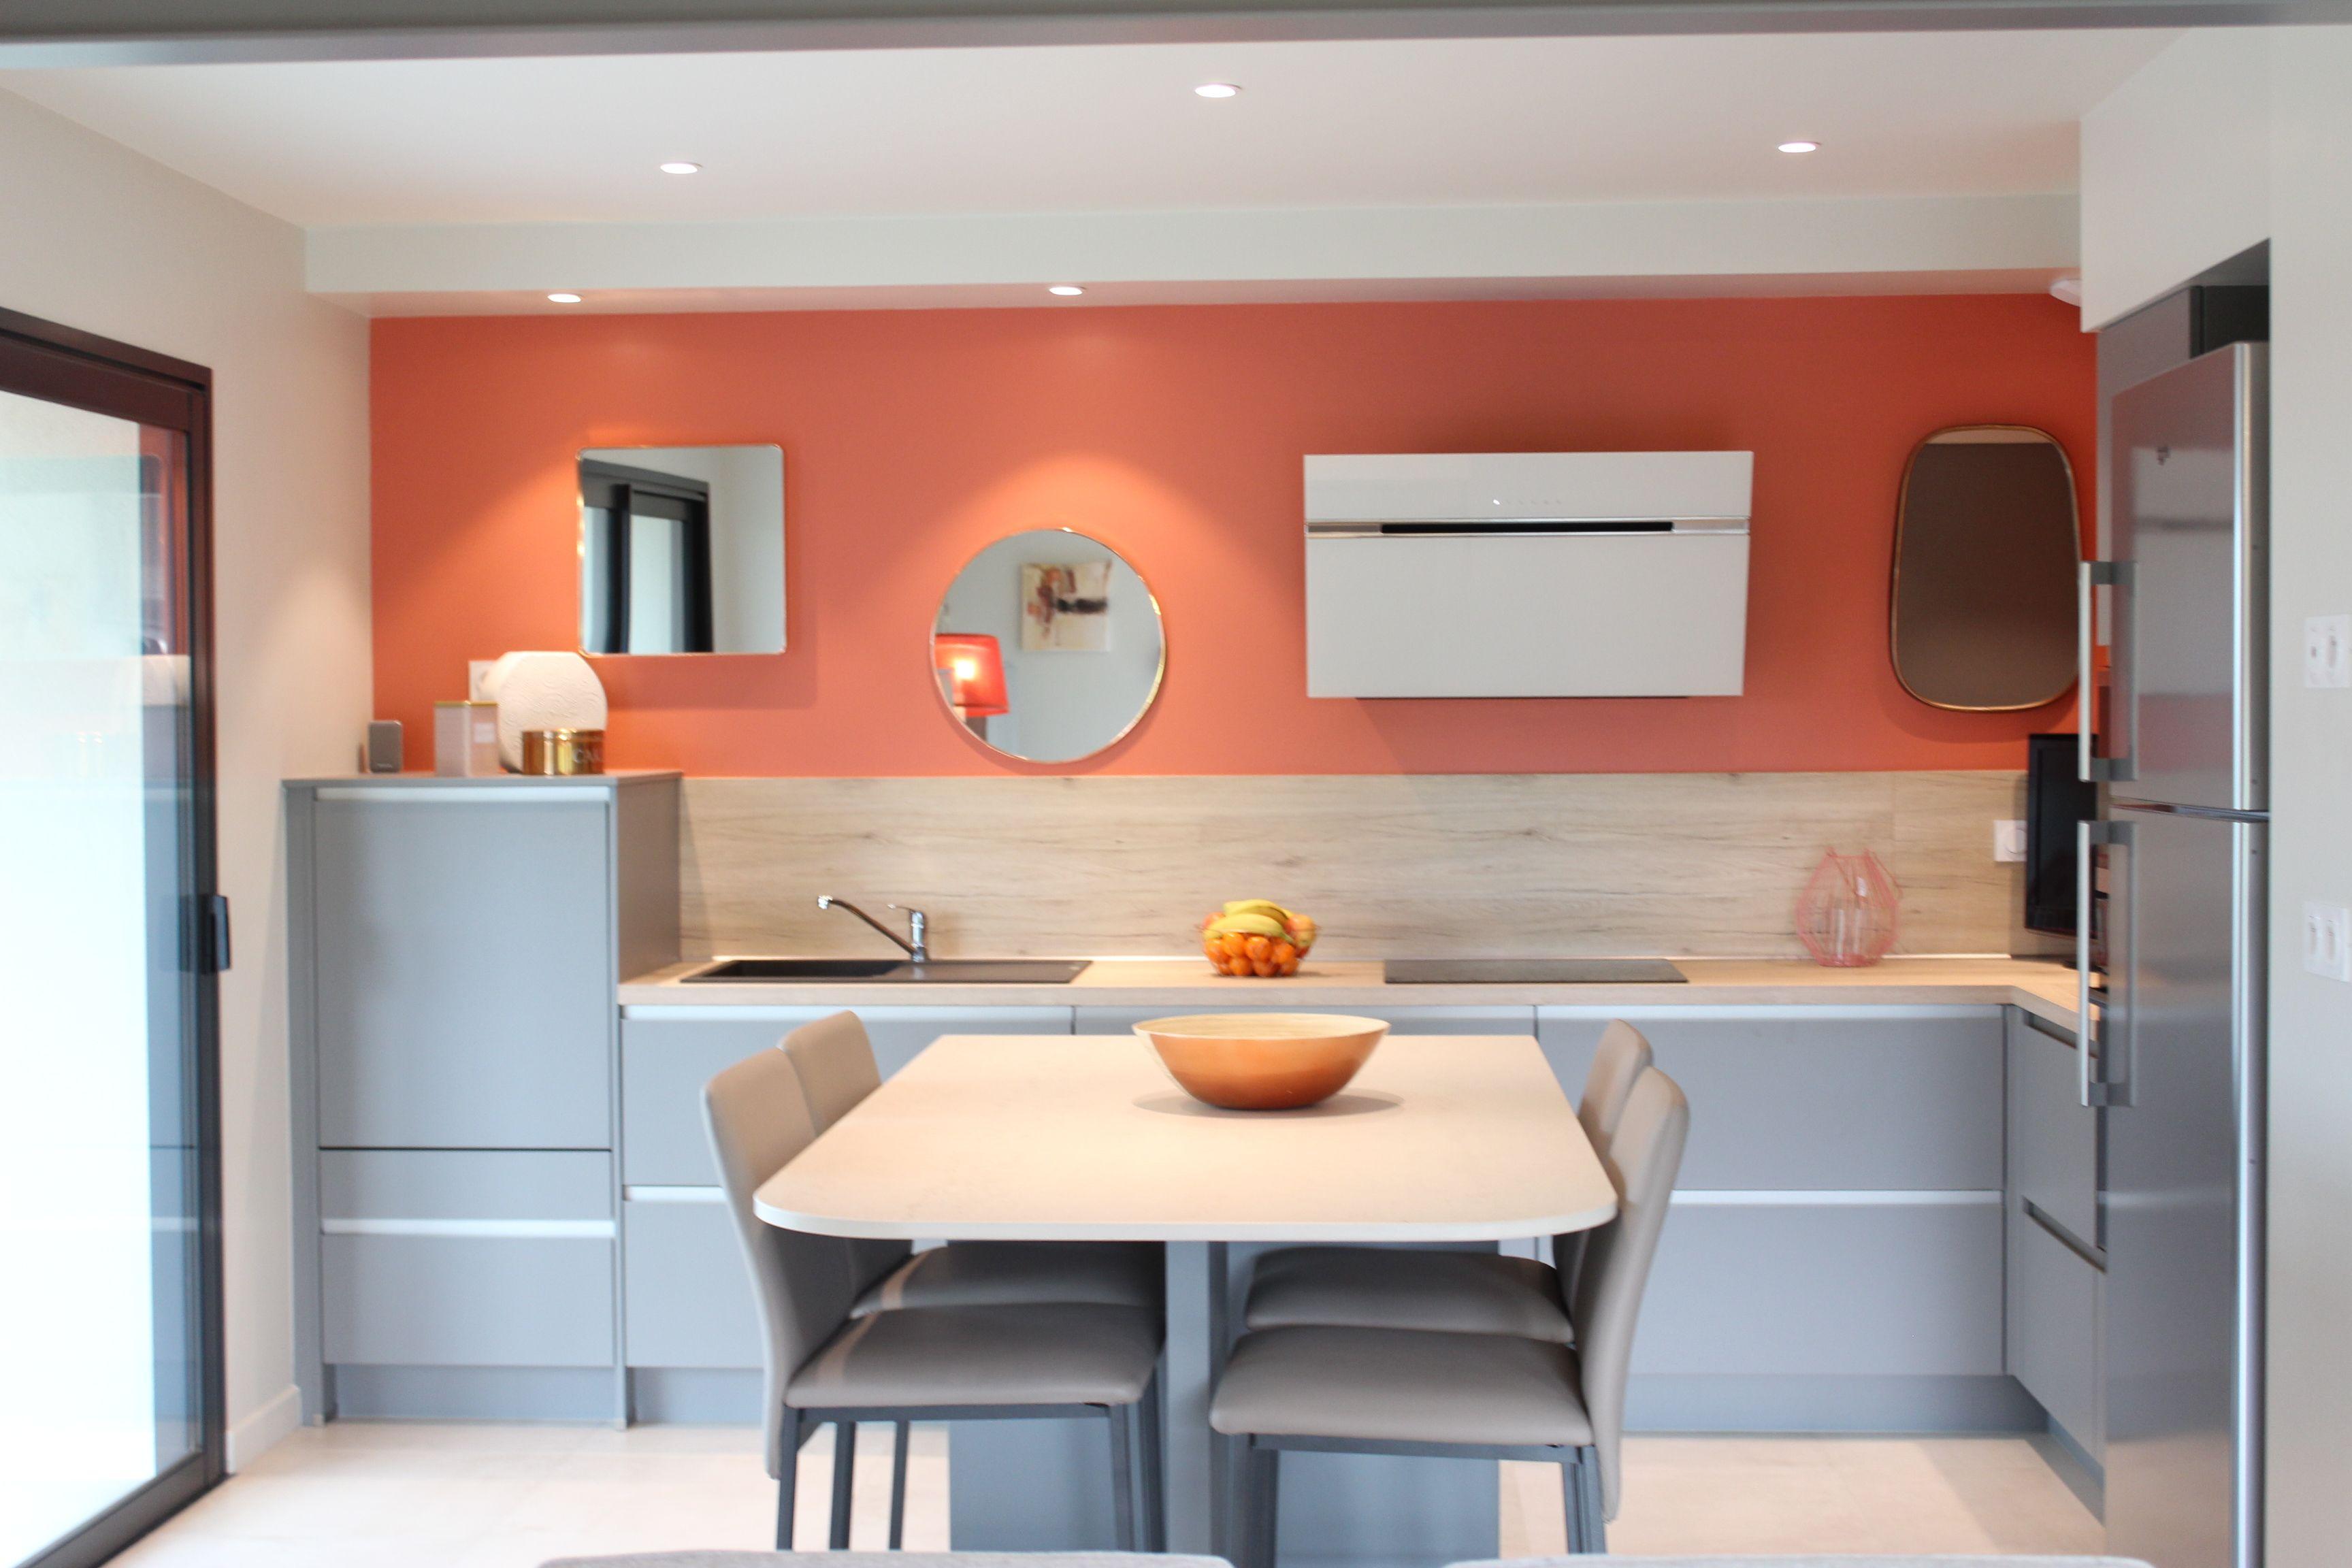 Cuisine terracotta, cuisine orange, cuisine rouge, cuisine grise